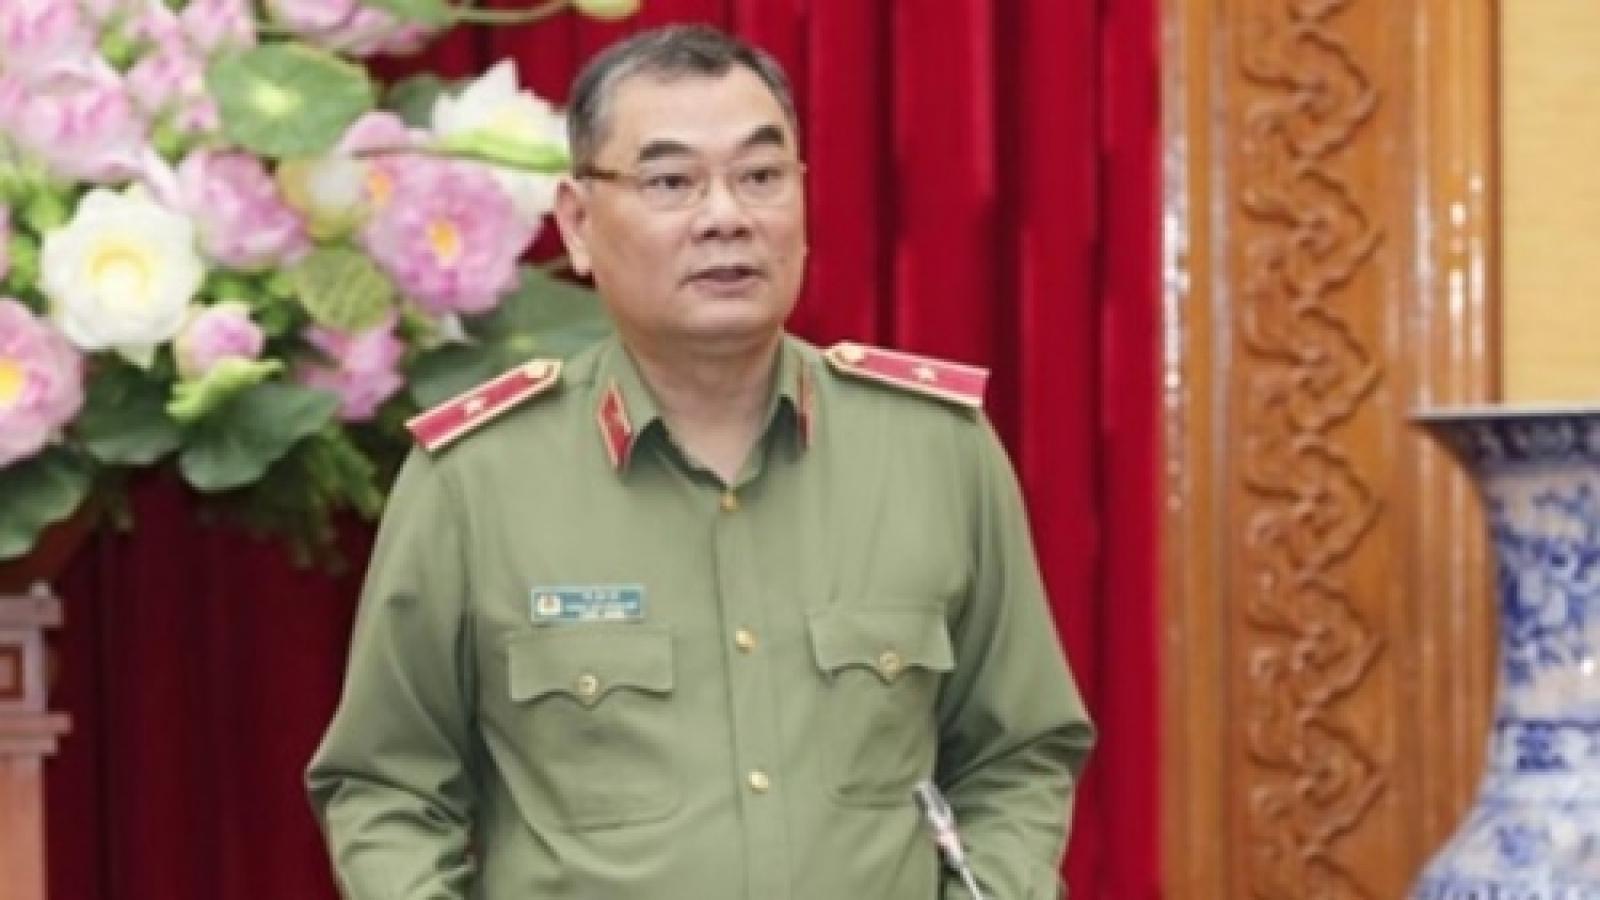 Bộ Công an nói về vụ nam sinh bị bắn tử vong tại Hà Nội